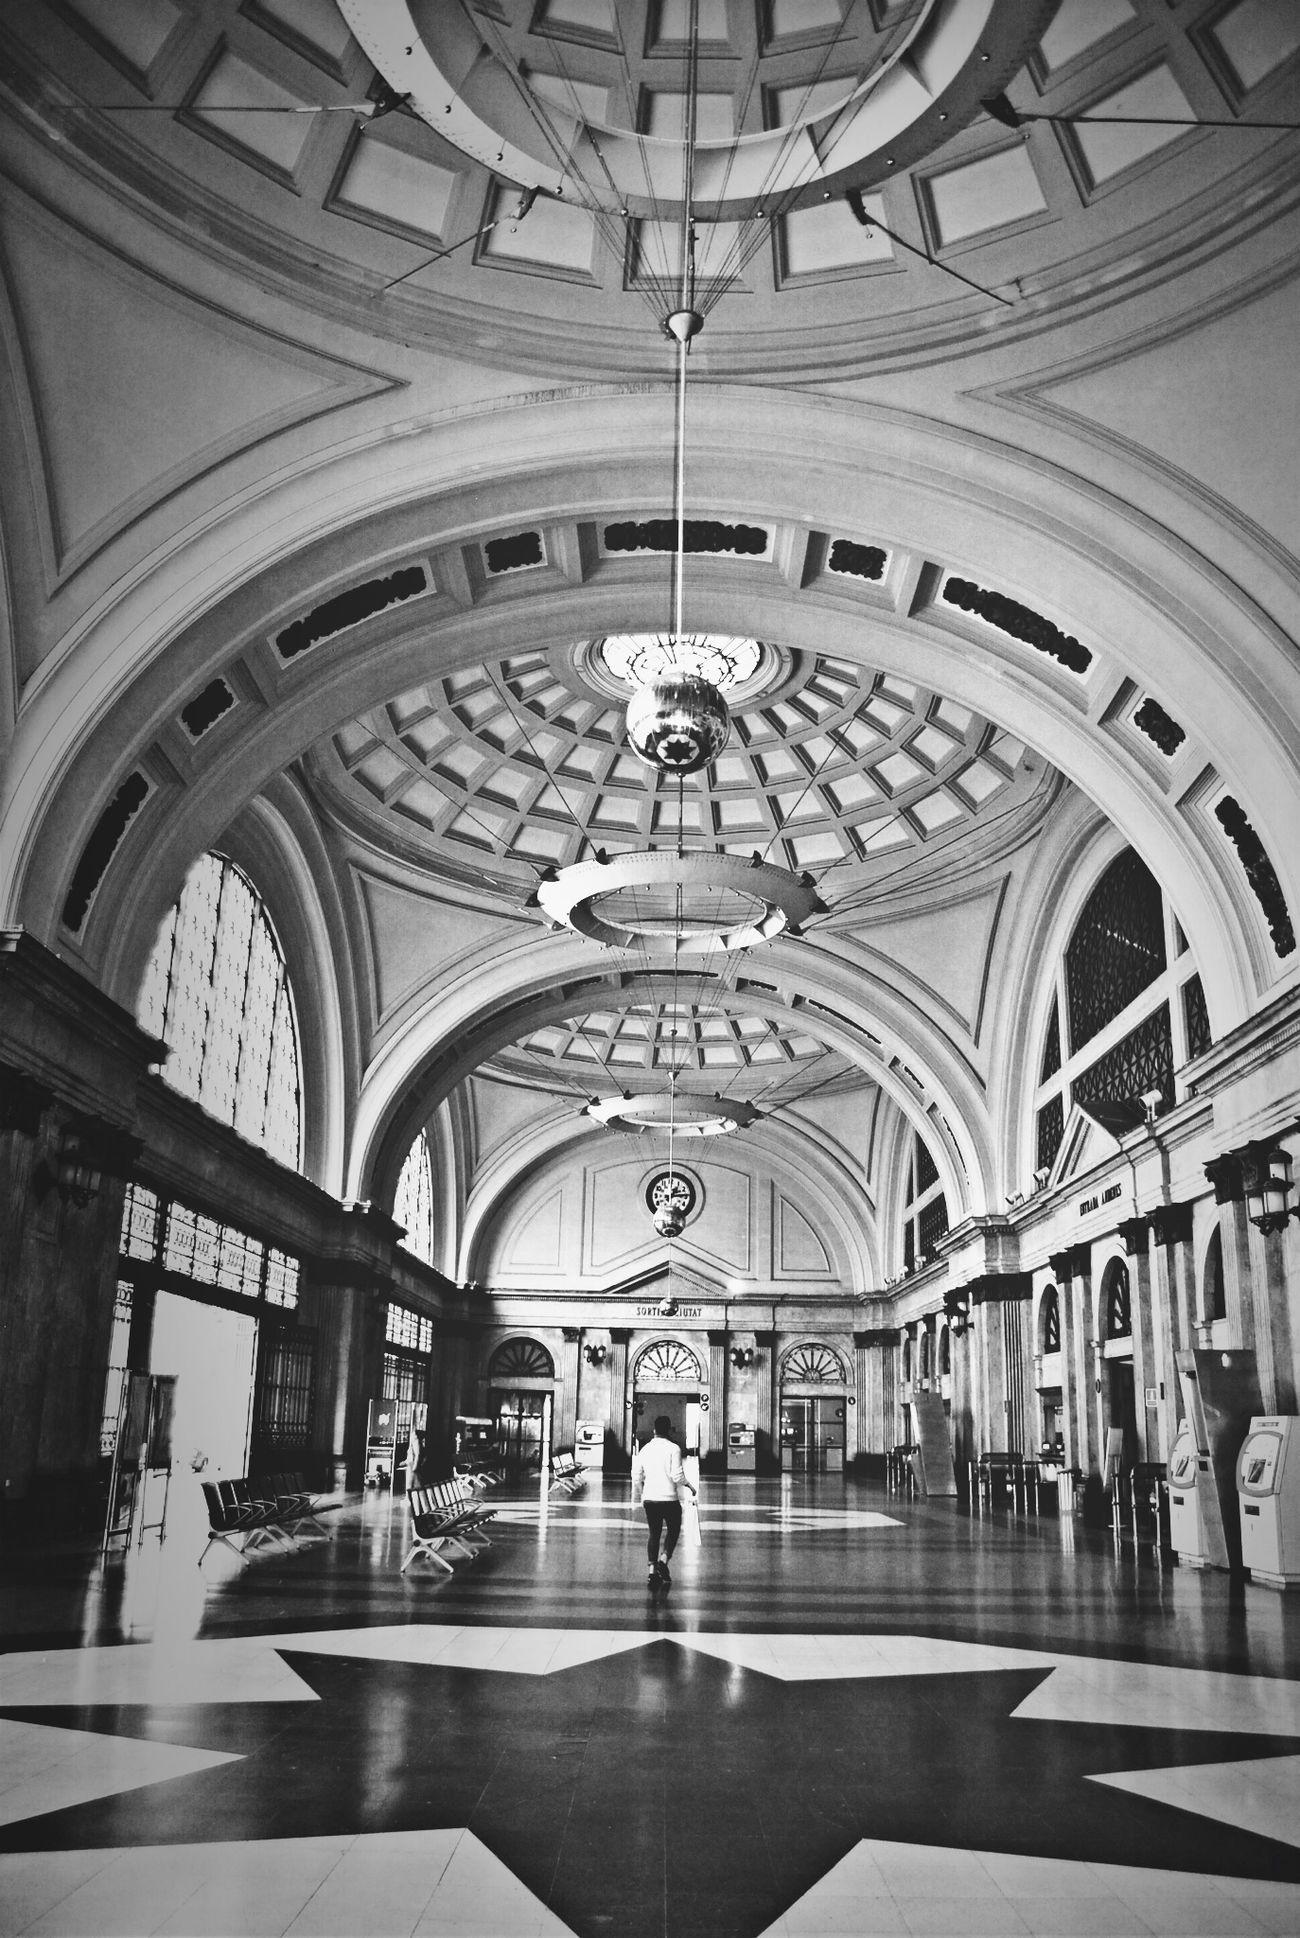 Estacion De Francia Old Building